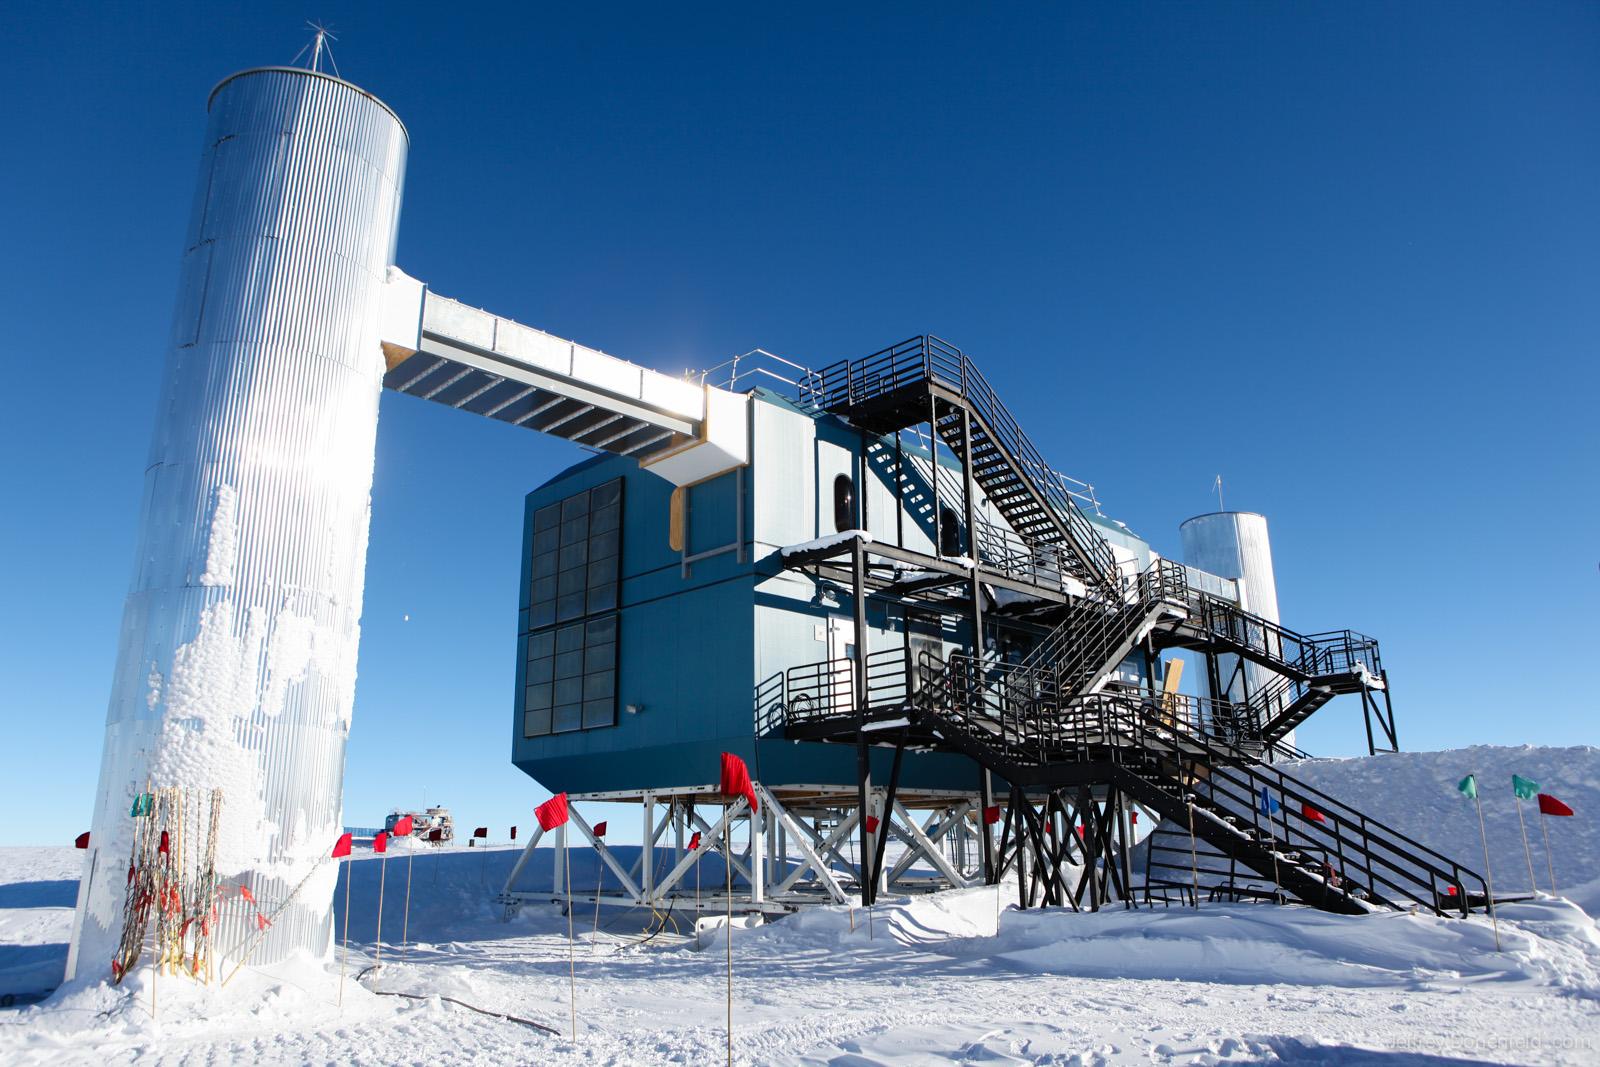 IceCube Neutrino Observatory in Antarctica Confirms ...Icecube Neutrino Observatory July